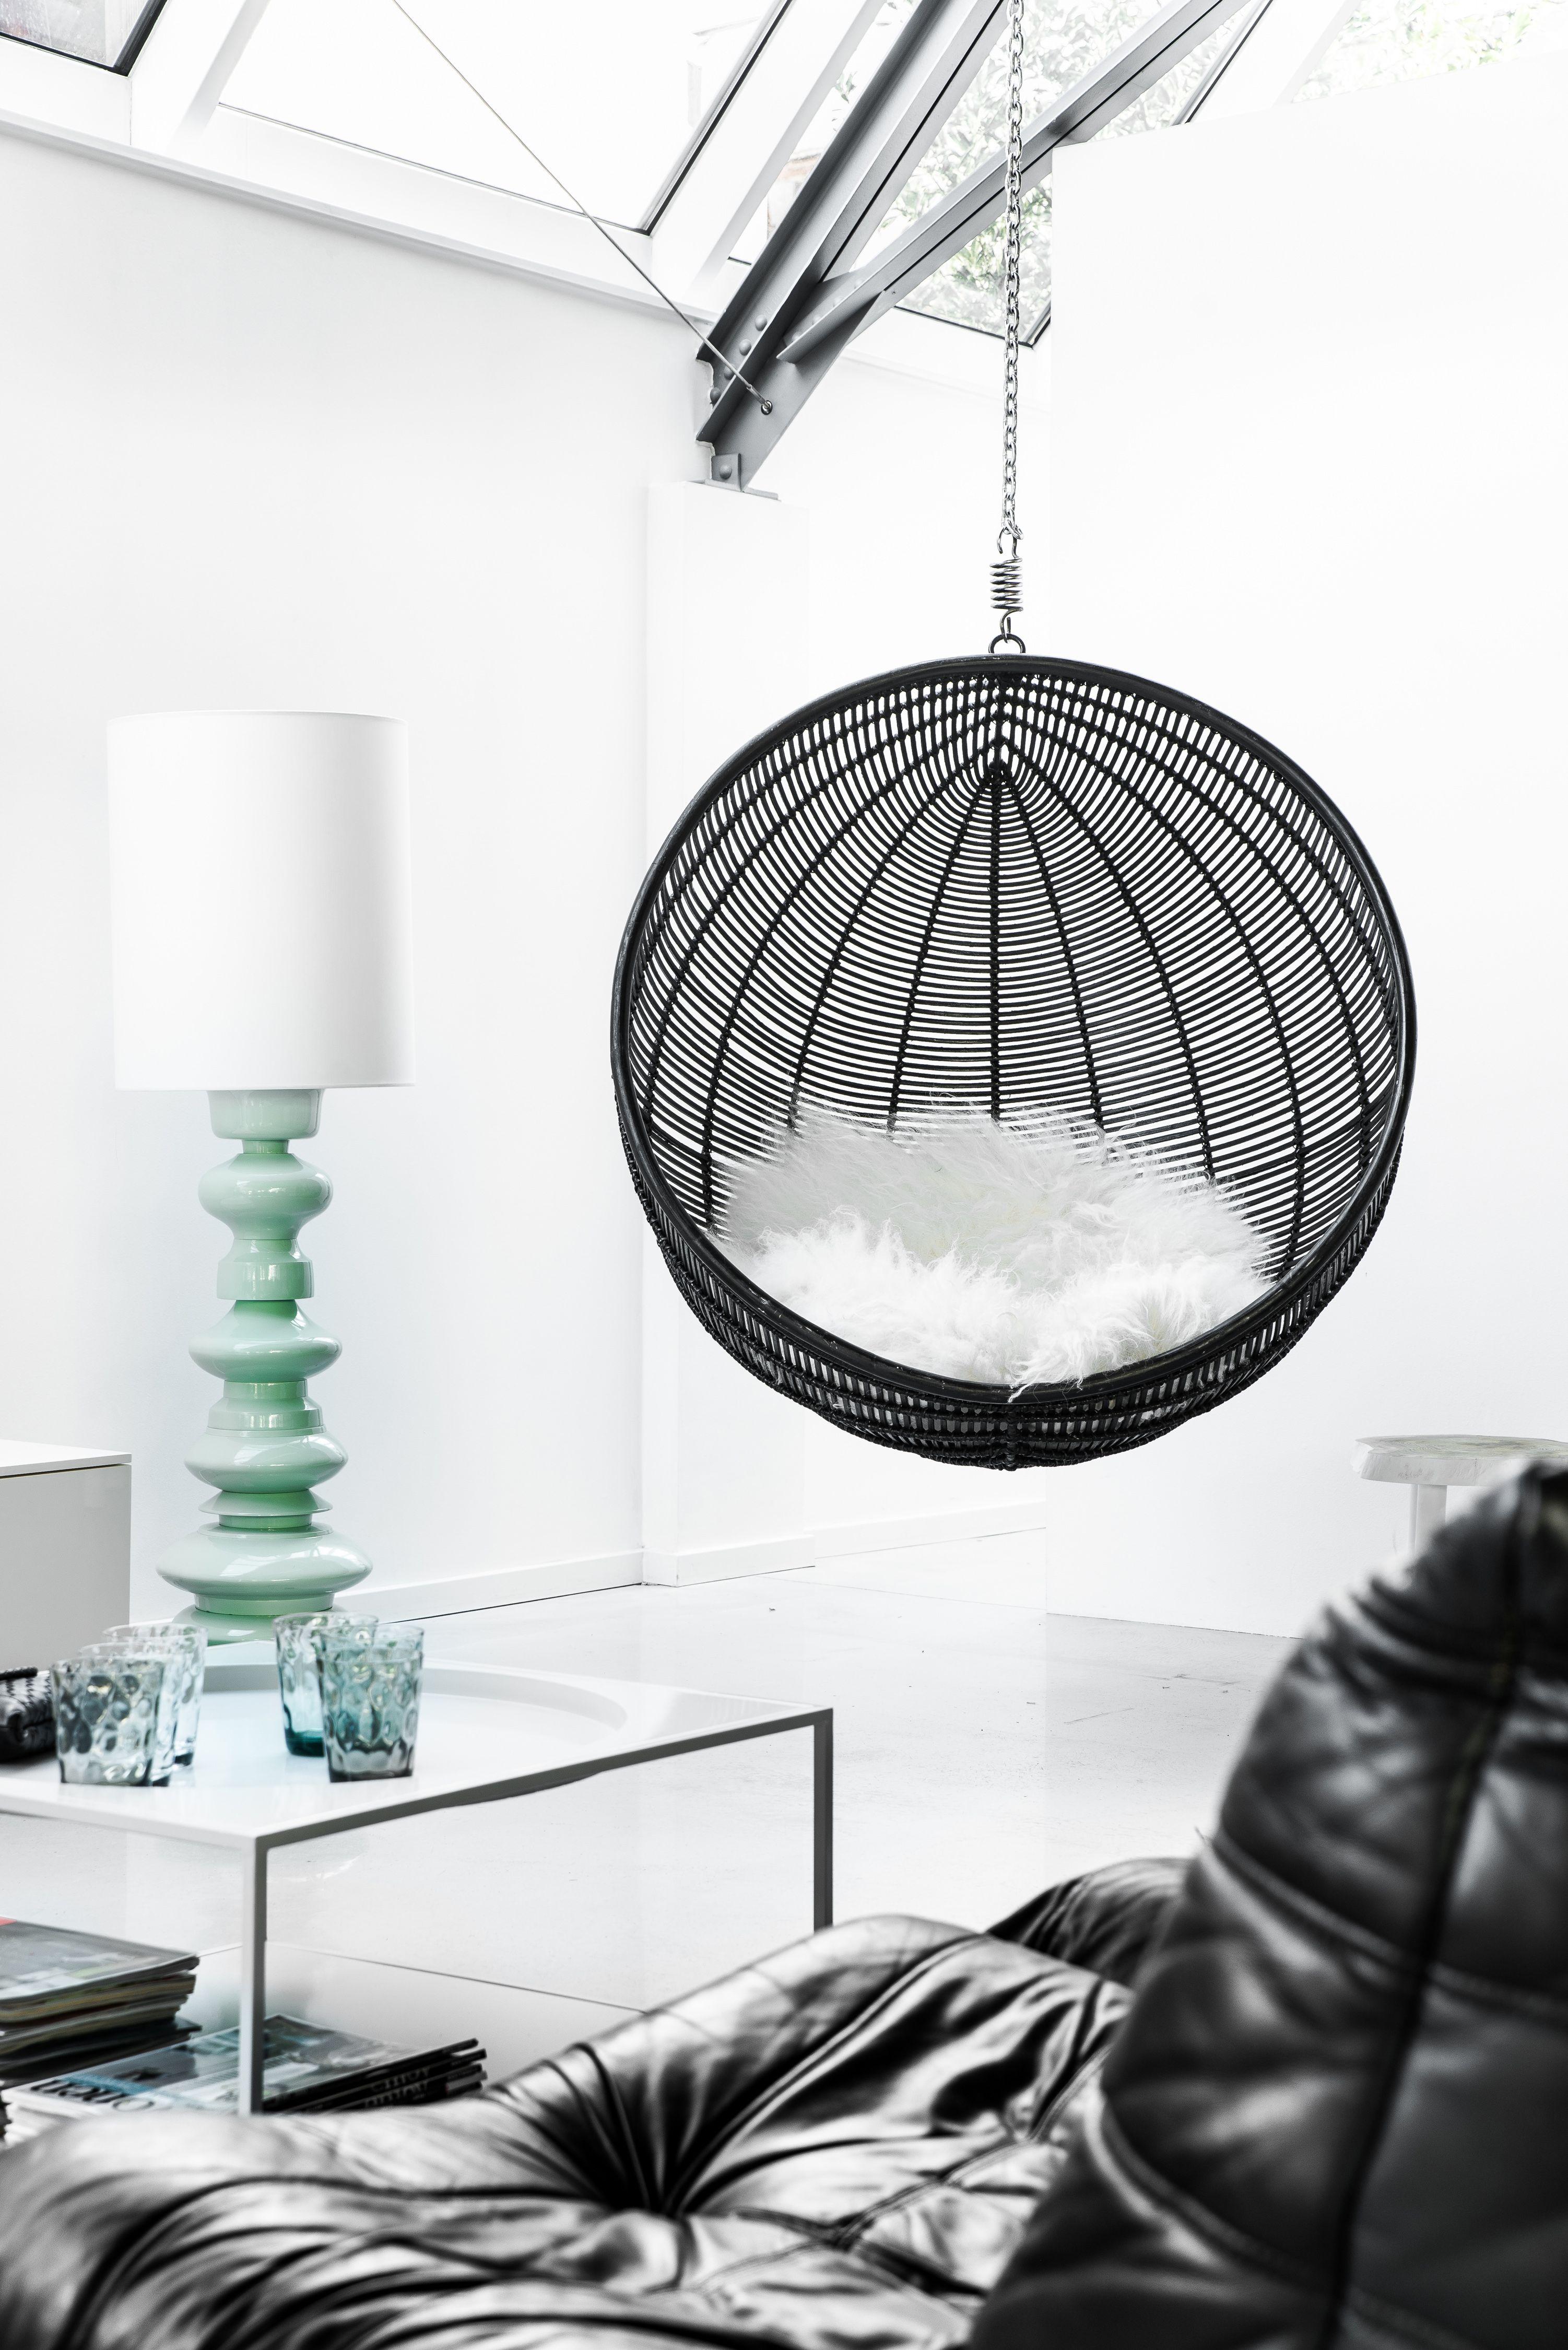 Schommelstoel Aan Plafond.Geweldige Rotan Hangstoel Hang De Stoel Aan Het Plafond En